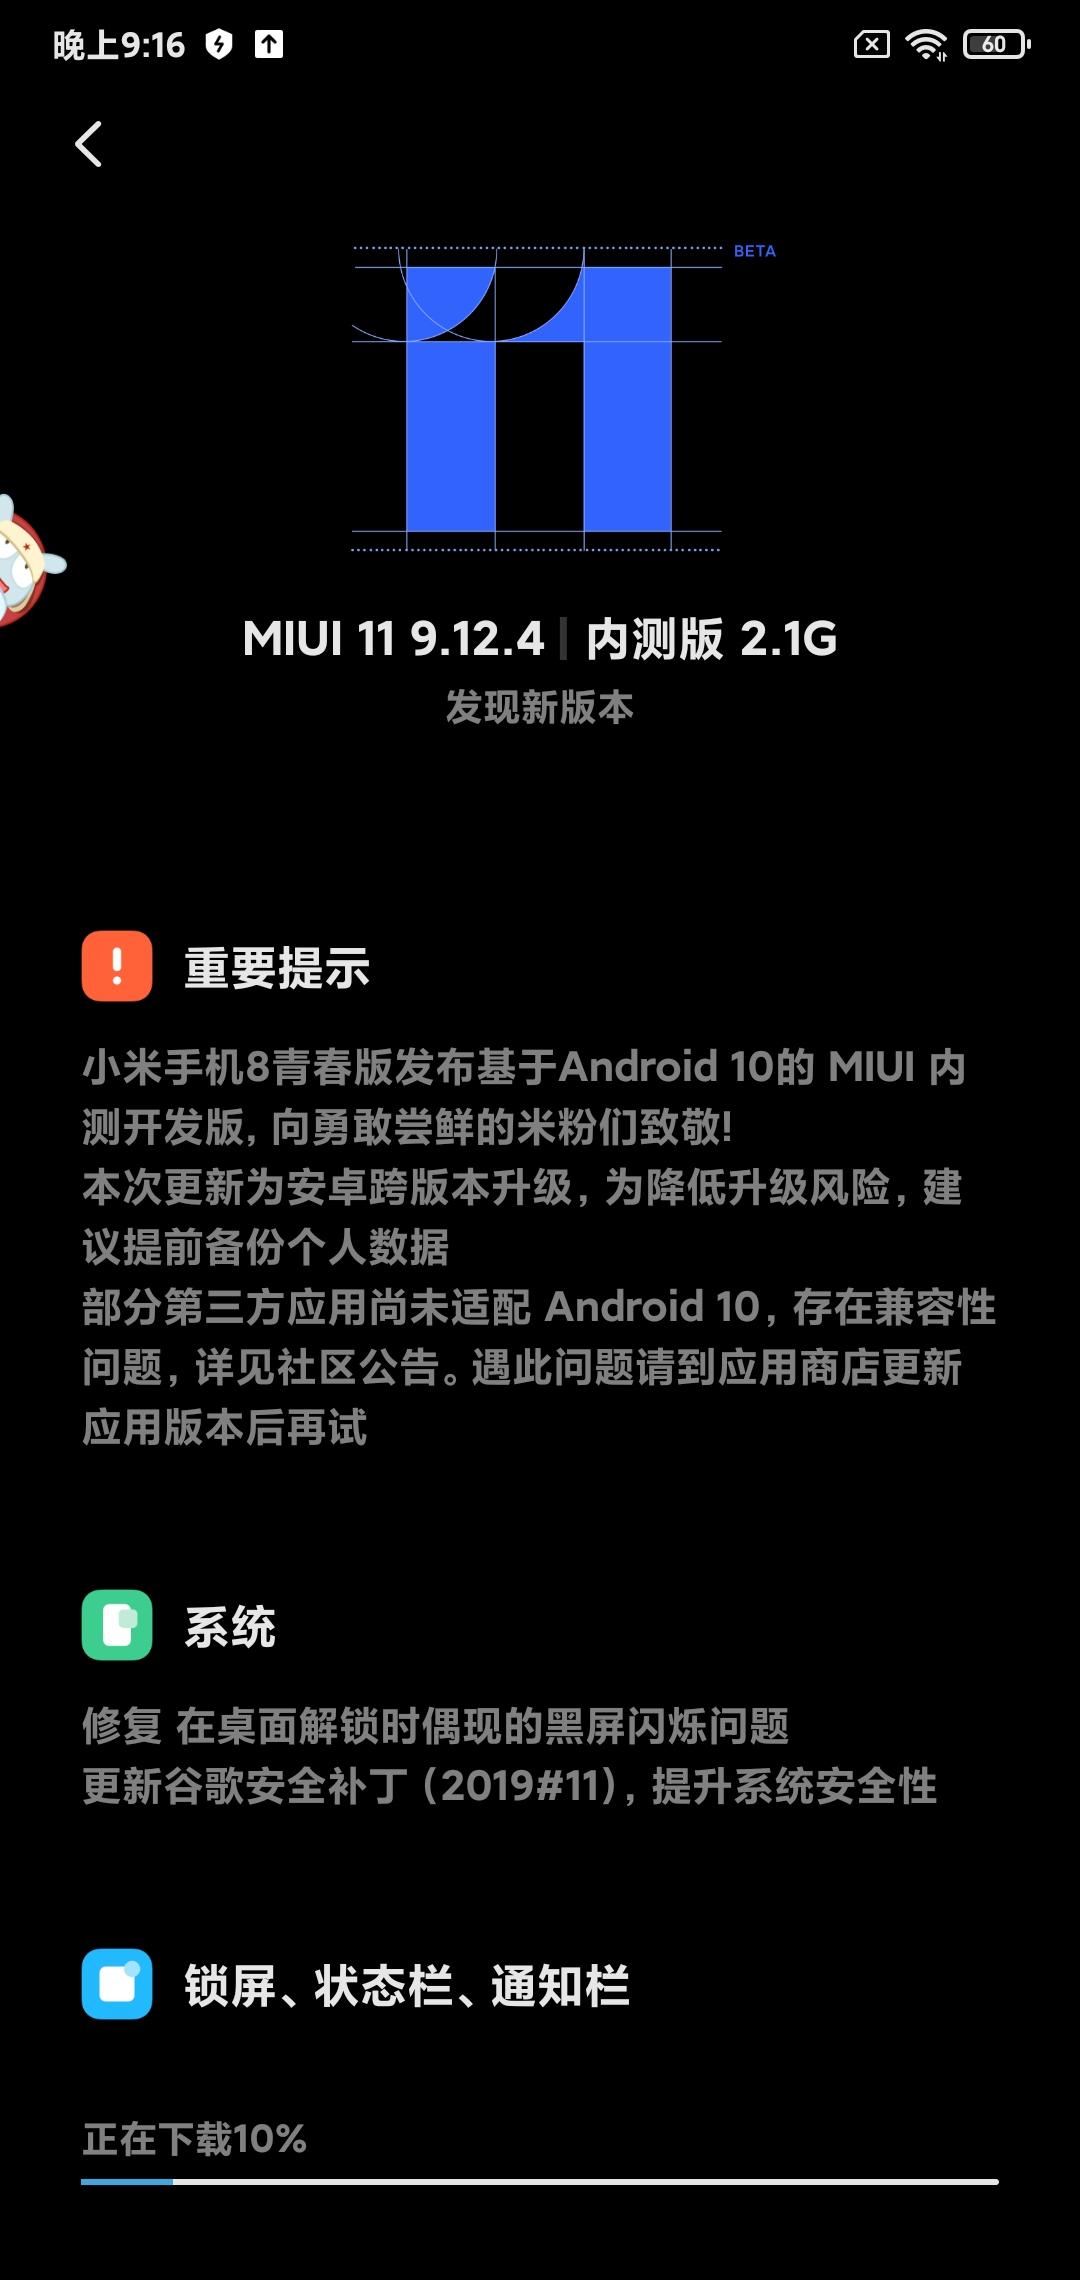 Screenshot_2019-12-04-21-16-36-241_com.android.updater.jpg